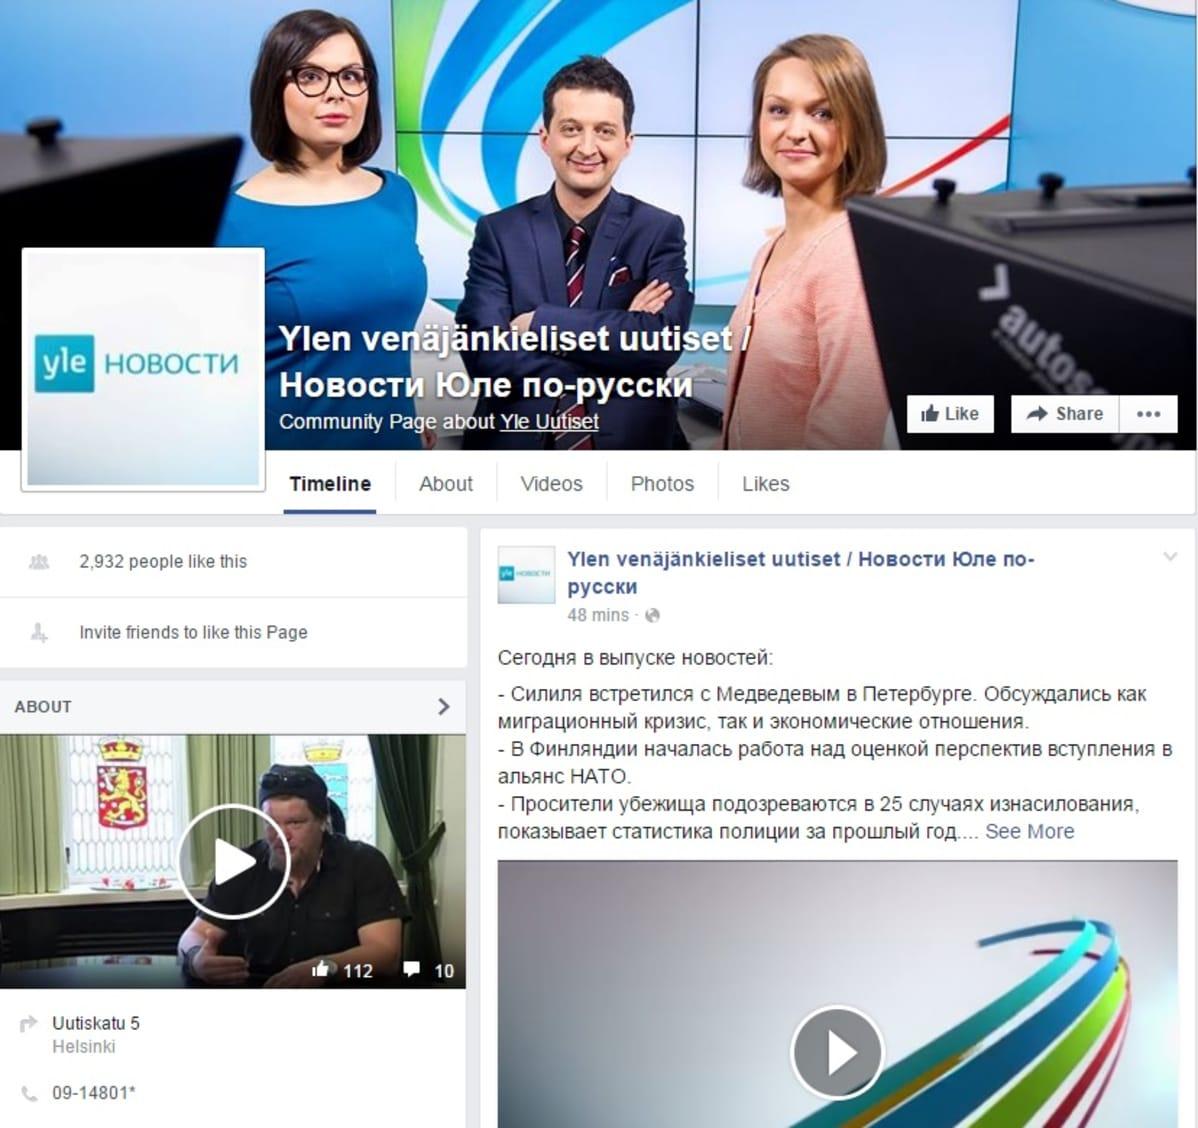 Yle Novost Facebook